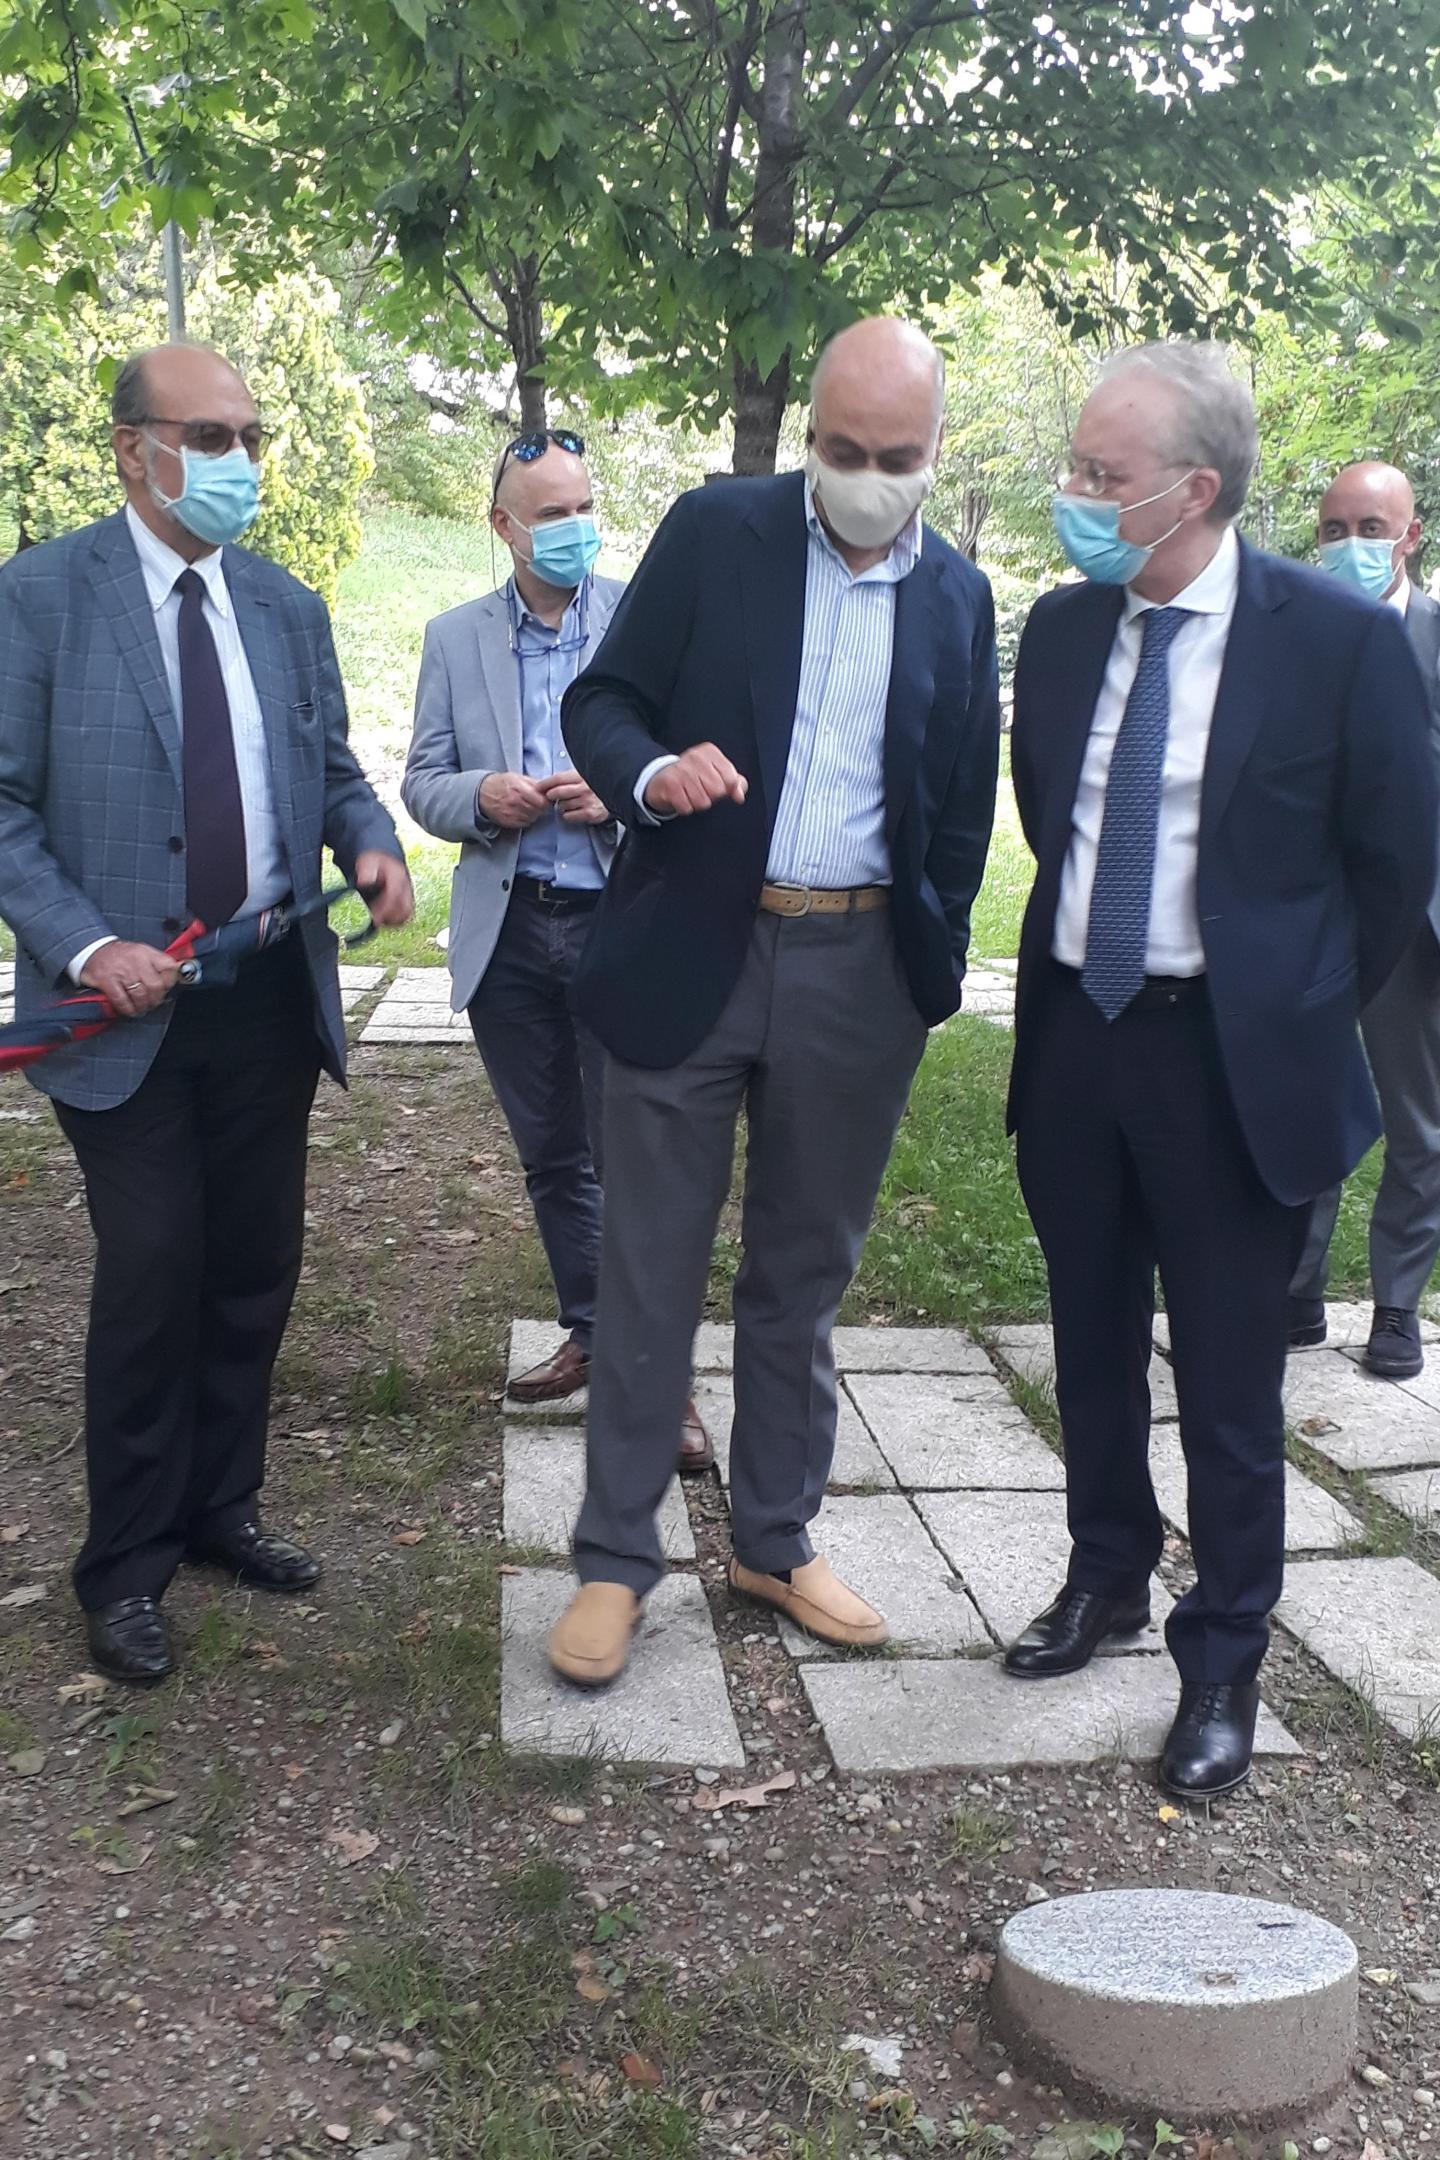 Il presidente di Gariwo, Gabriele Nissim, con Giorgio Mortara (a sinistra), Vicepresidente UCEI, e il Prefetto di Milano, Renato Saccone